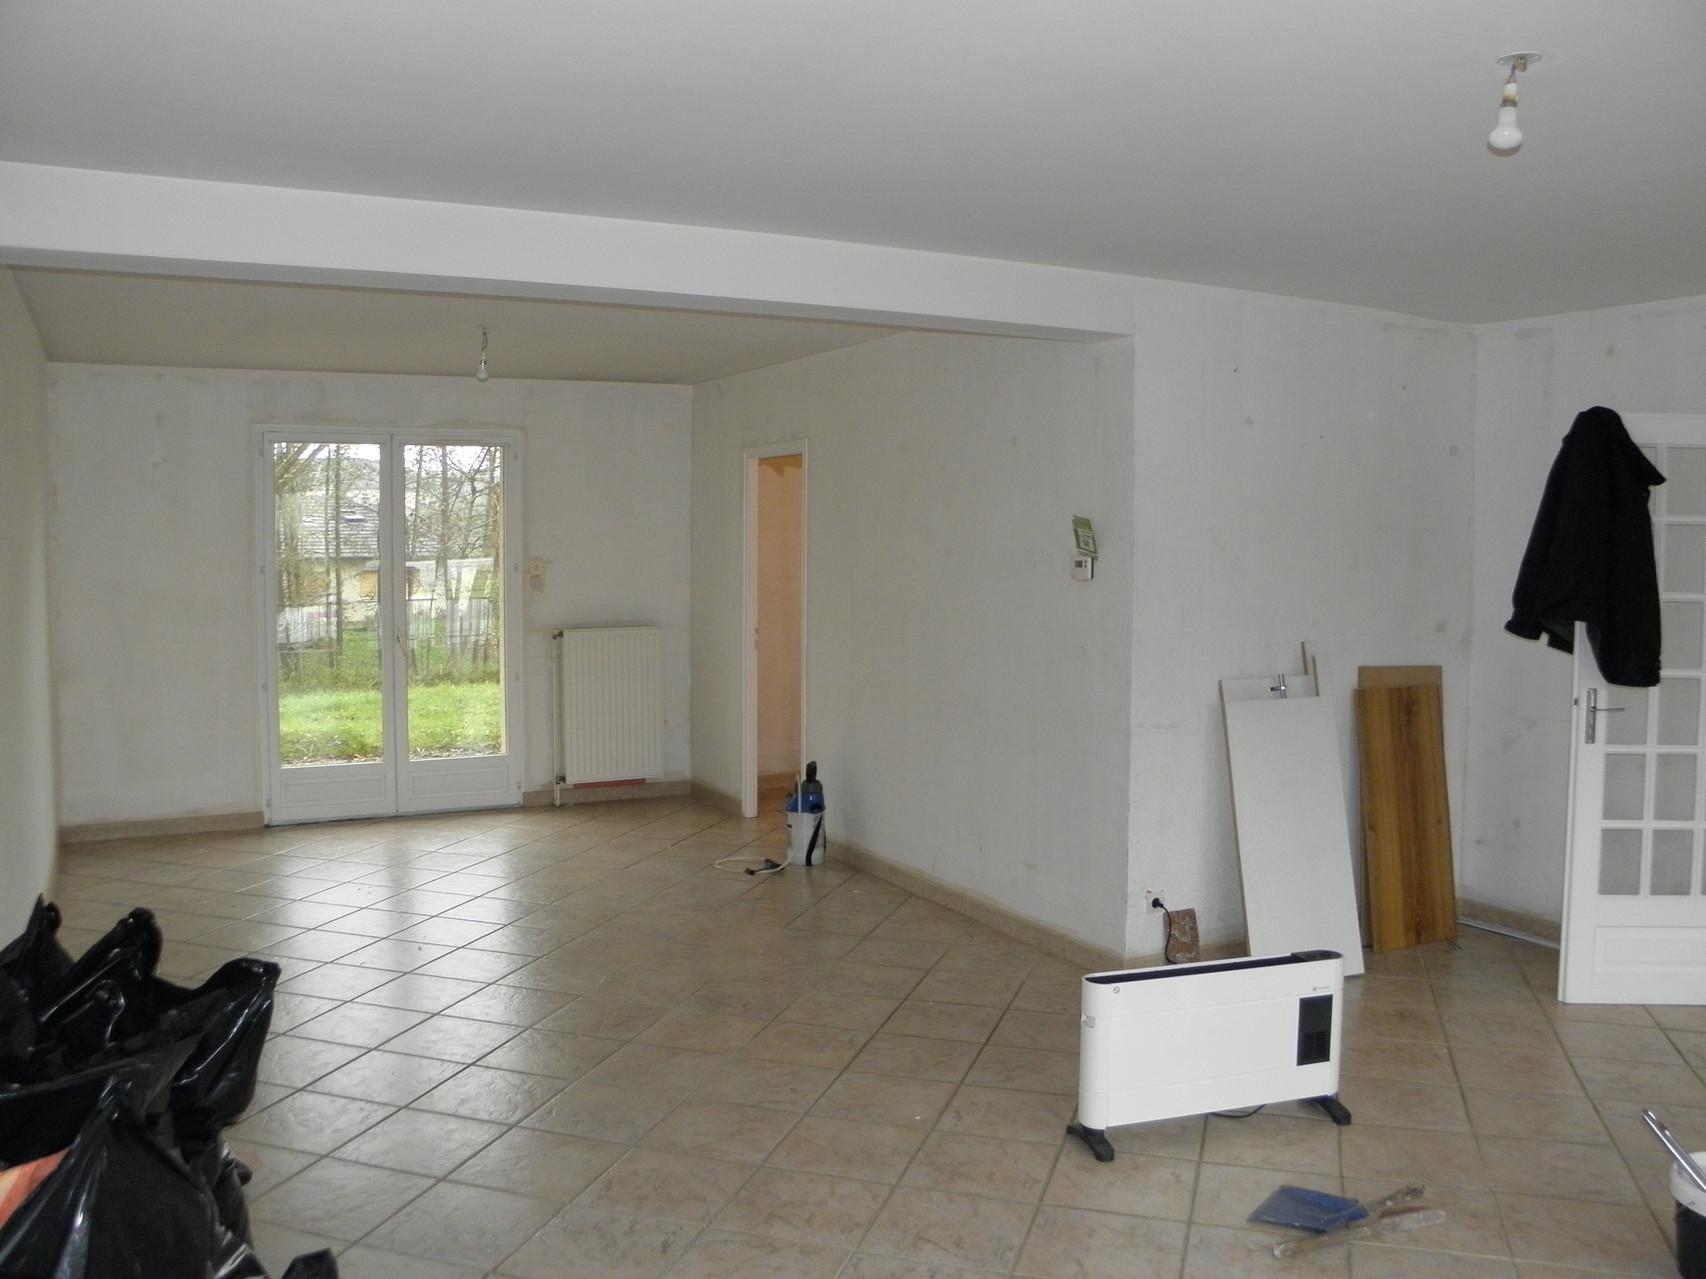 vue du salon sur la cuisine avant (derrière la cloison)